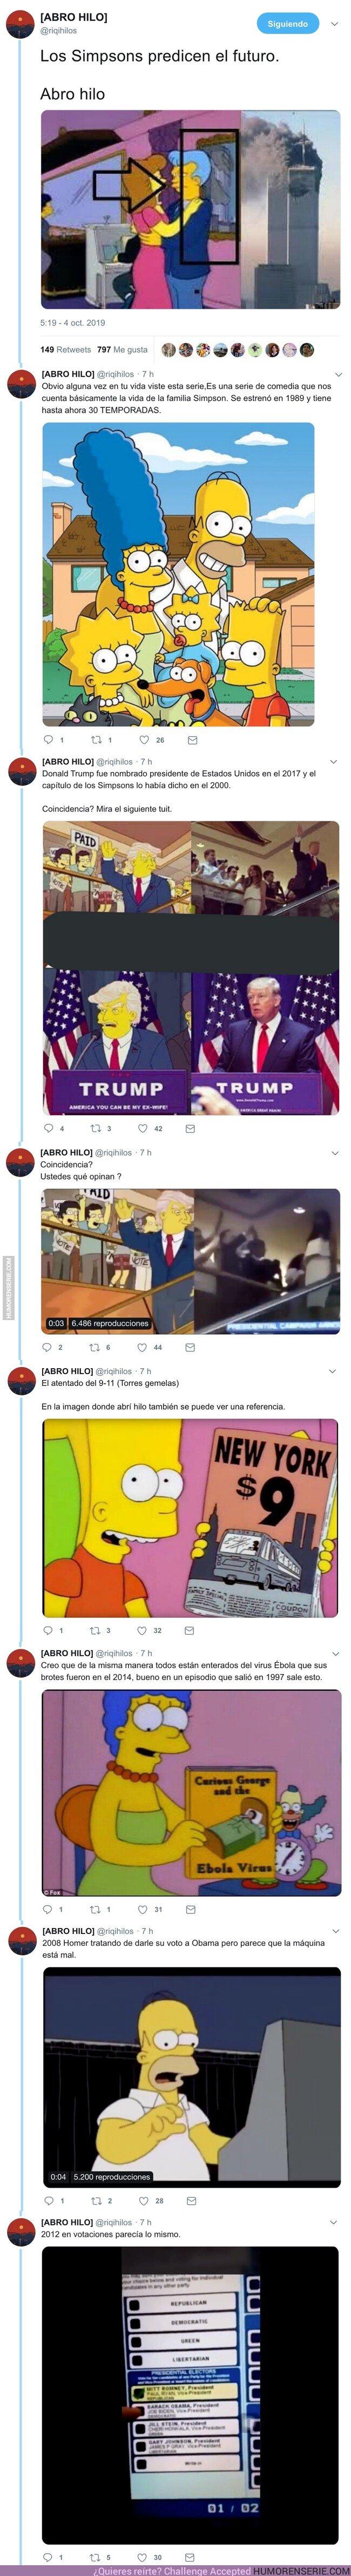 42688 - Los Simpson predicen el futuro